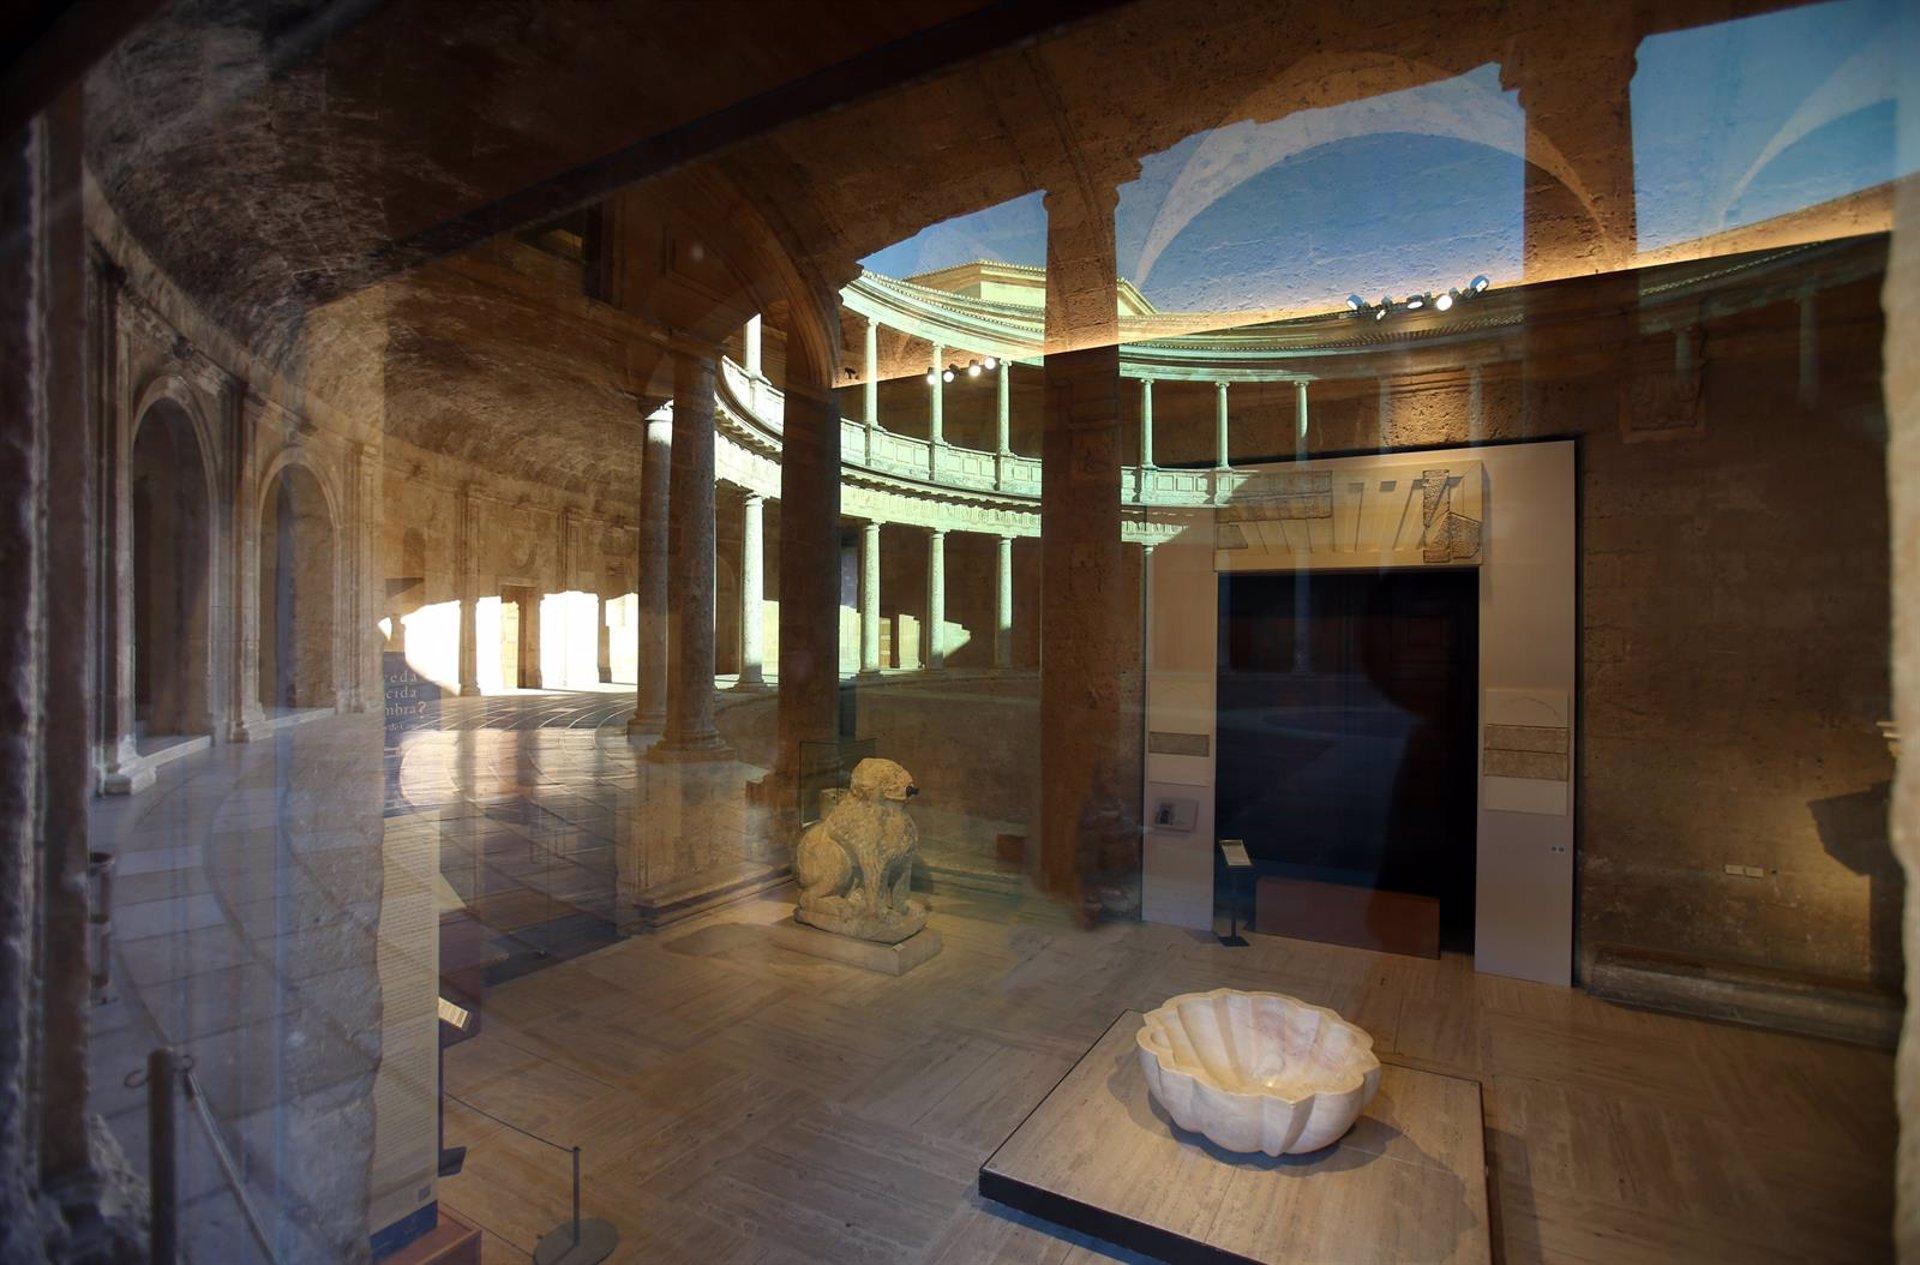 El Museo de la Alhambra sumó en el primer semestre más de 43.000 visitantes, casi la mitad en junio